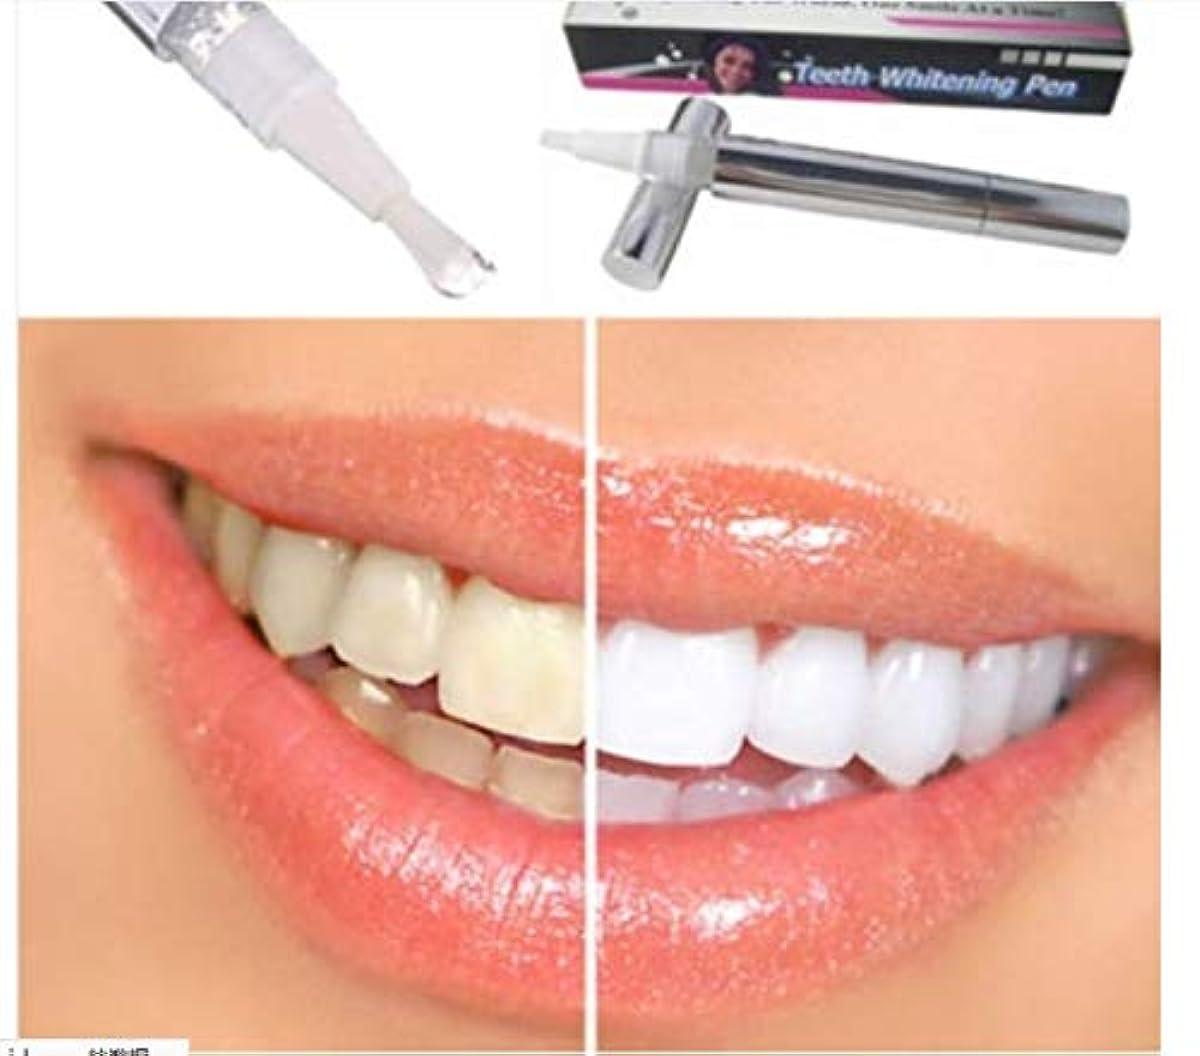 ジーンズ改修高度ホワイトニングペン型真っ白な歯 ホワイトニングペン 歯の白い漂白剤 瞬間汚れ消しゴムリムーバー